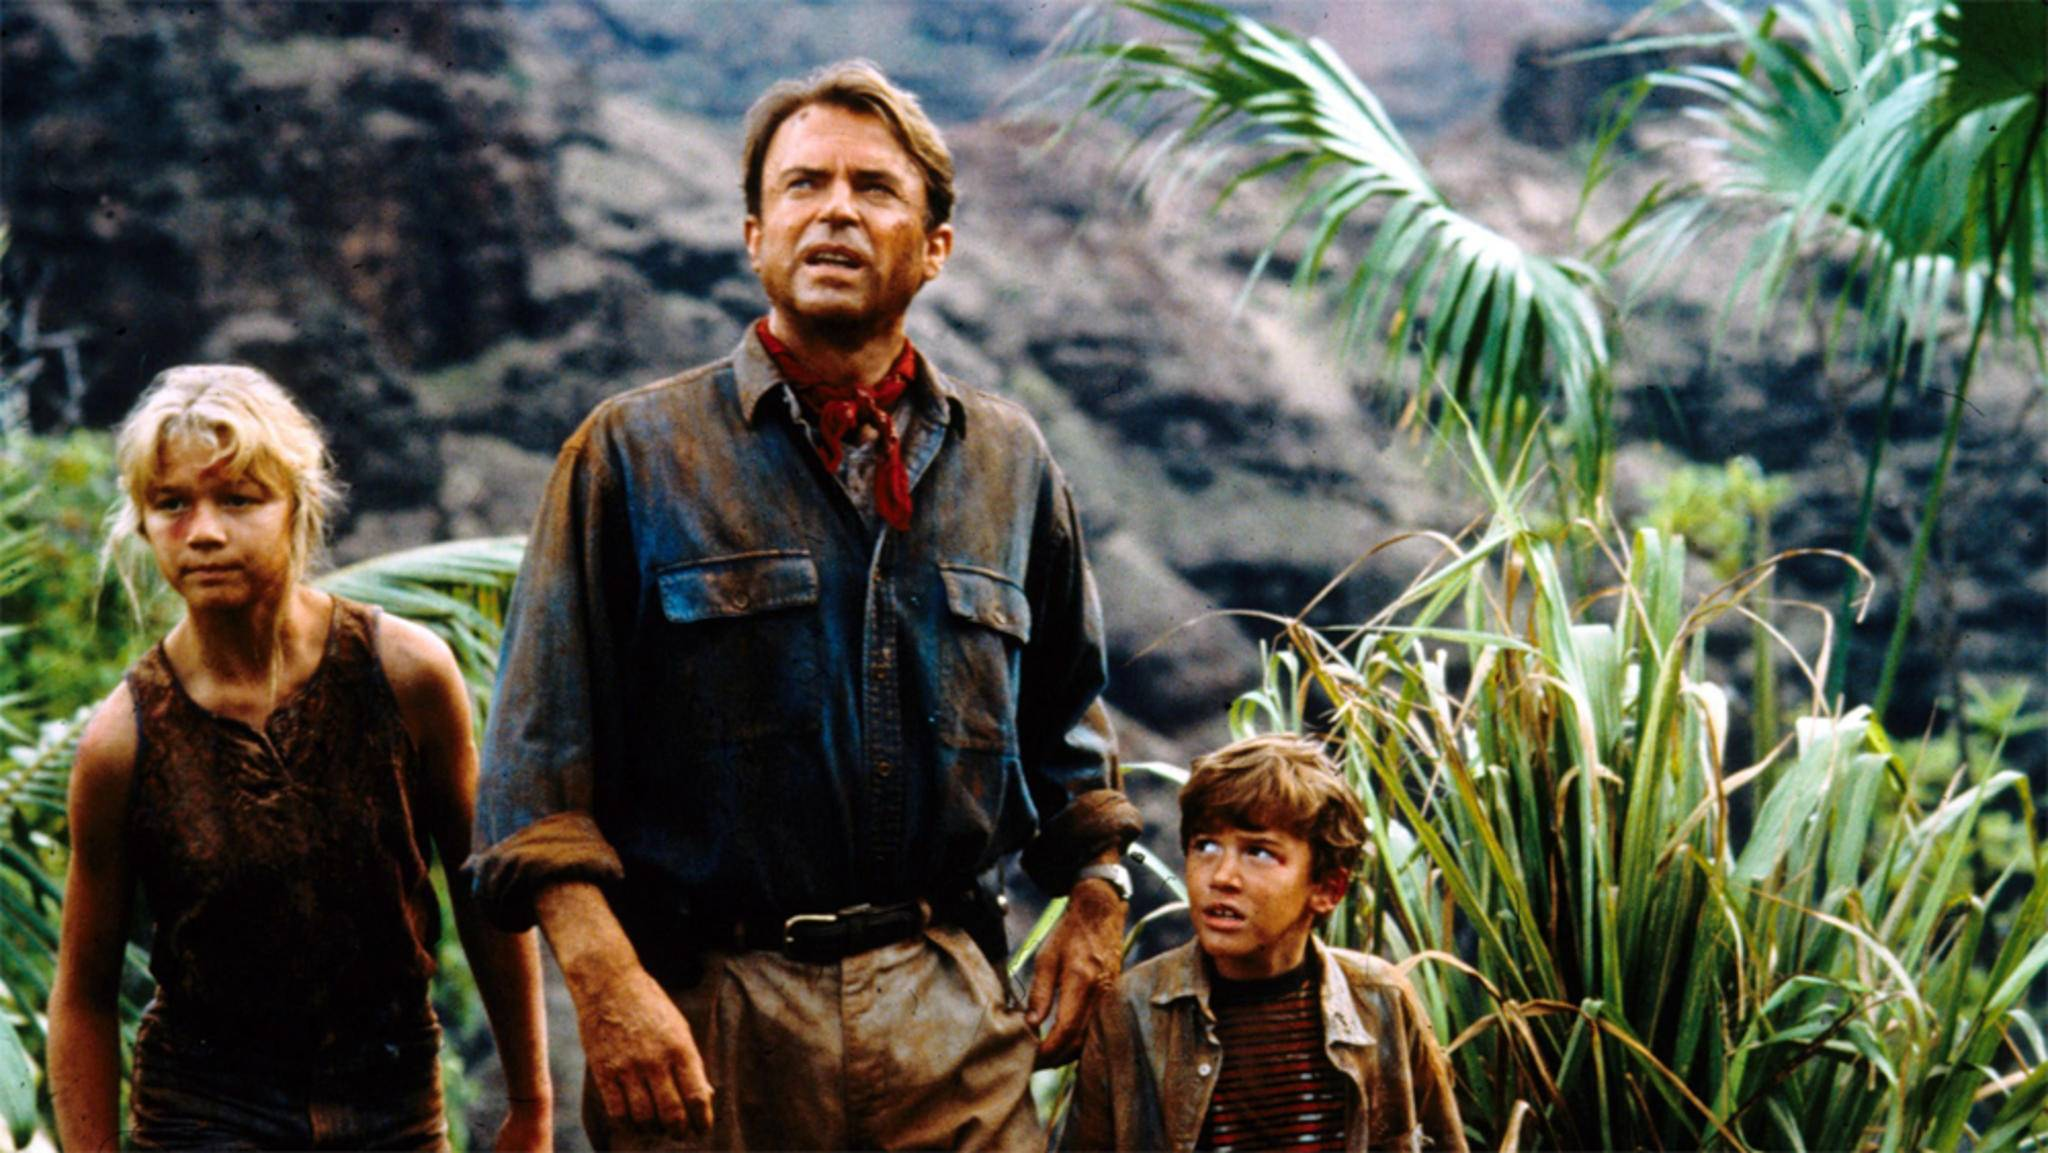 """Steht Dr. Alan Grant (Mitte, Sam Neill) Nick van Owen (Chris Pratt, nicht im Bild) in """"Jurassic World 2"""" hilfreich zur Seite?"""